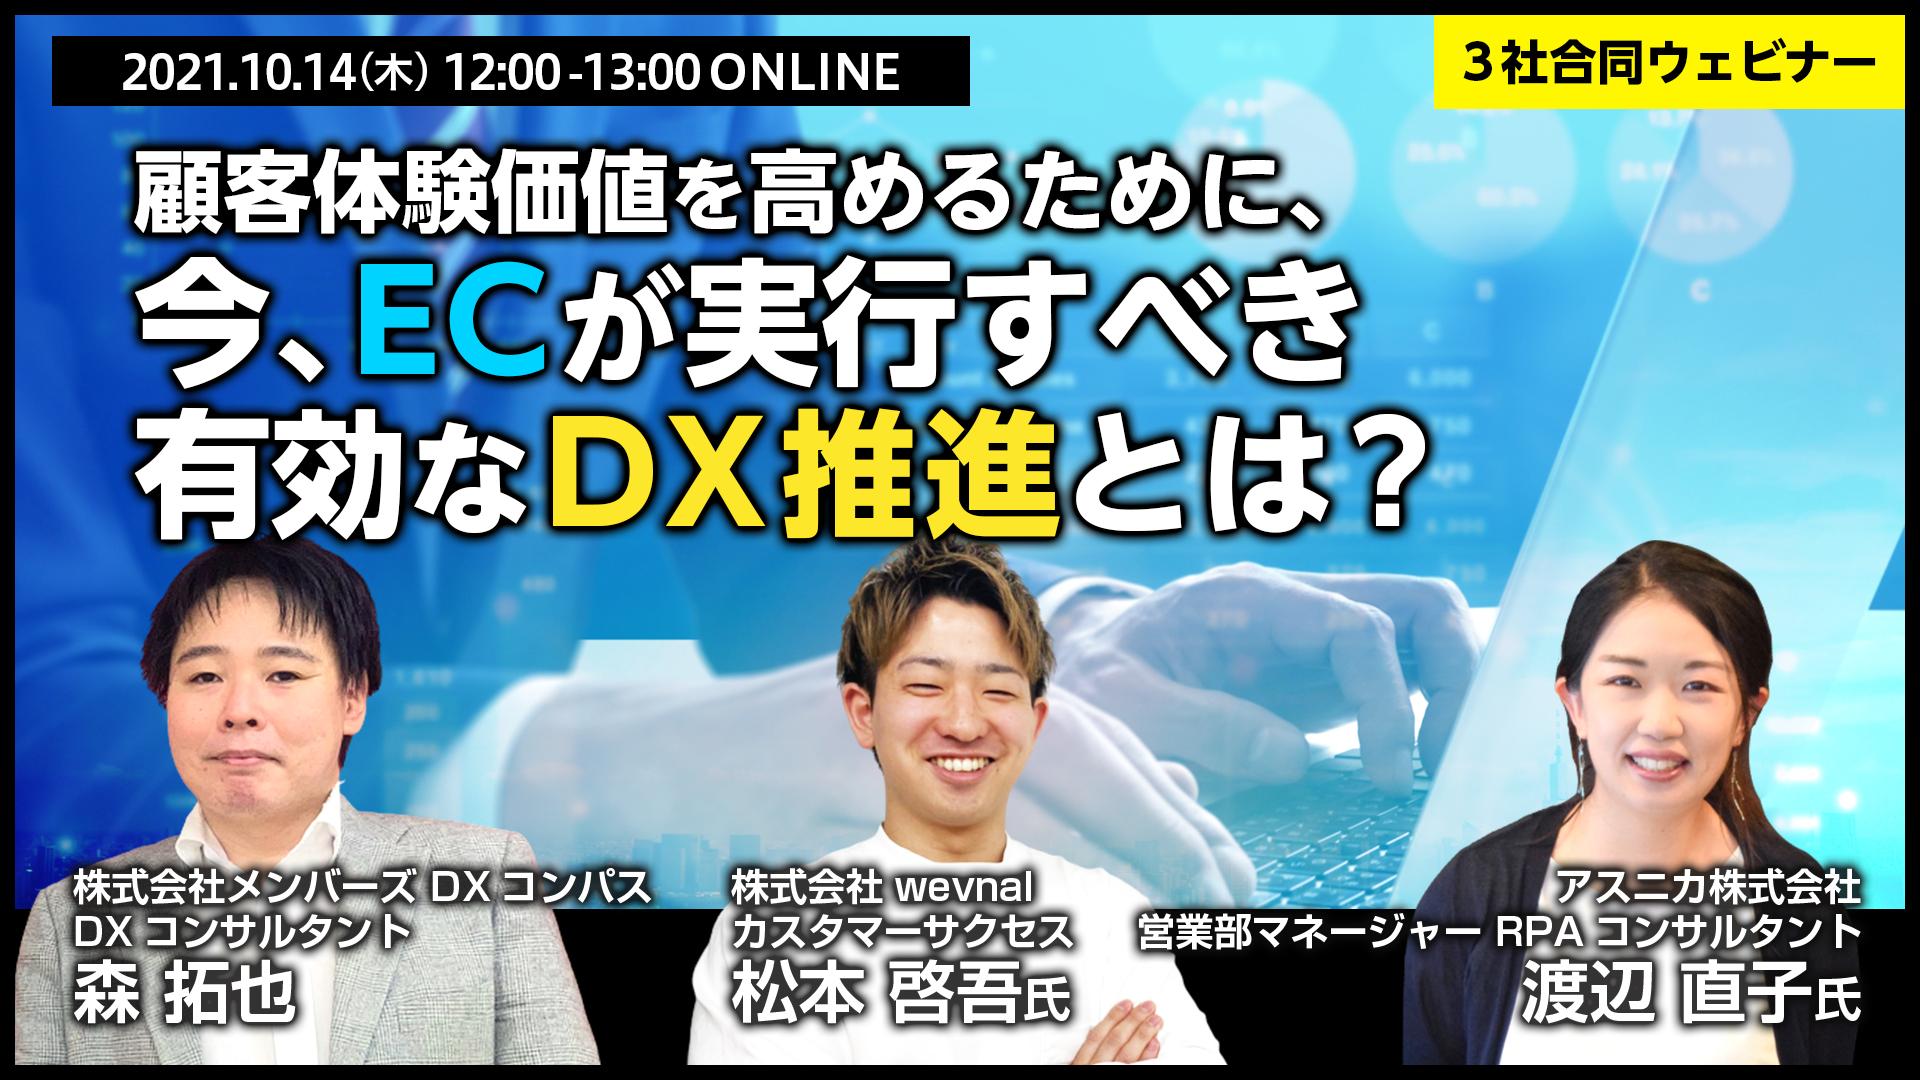 【3社合同ウェビナー】顧客体験価値を高めるために、今、ECが実行すべき有効なDX推進とは?